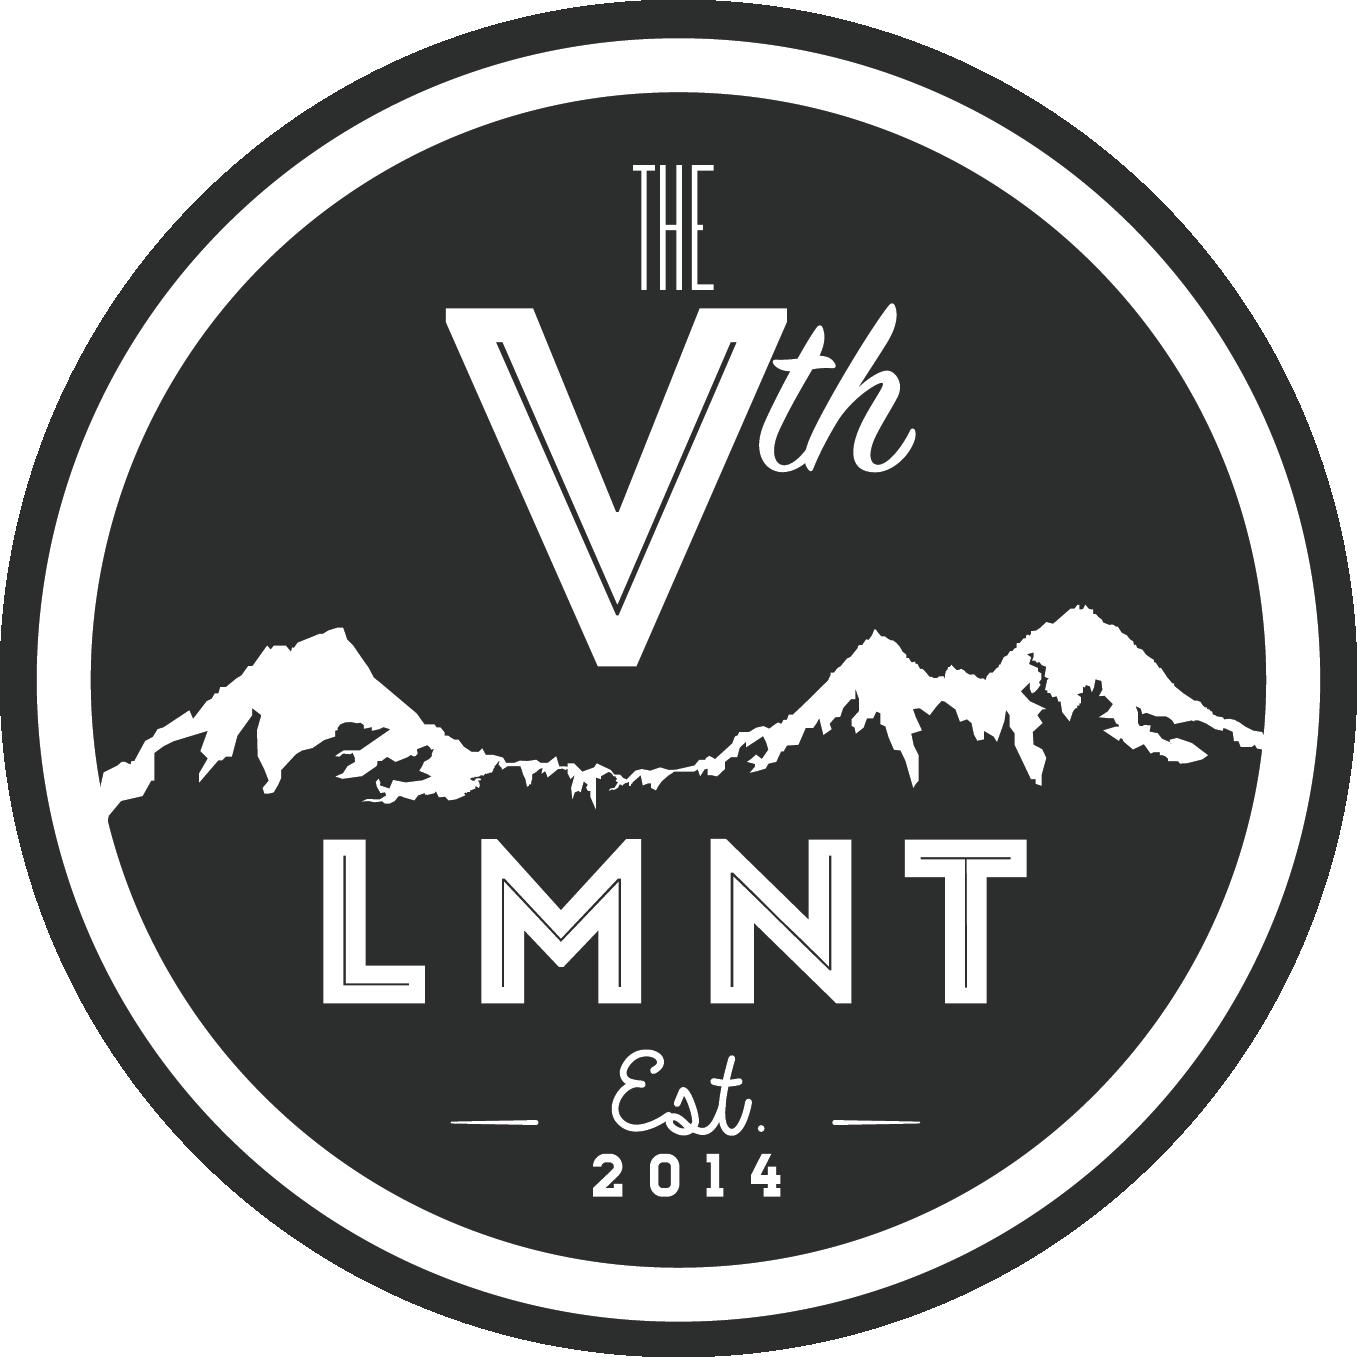 VTH_Solid_Circle_logo.png